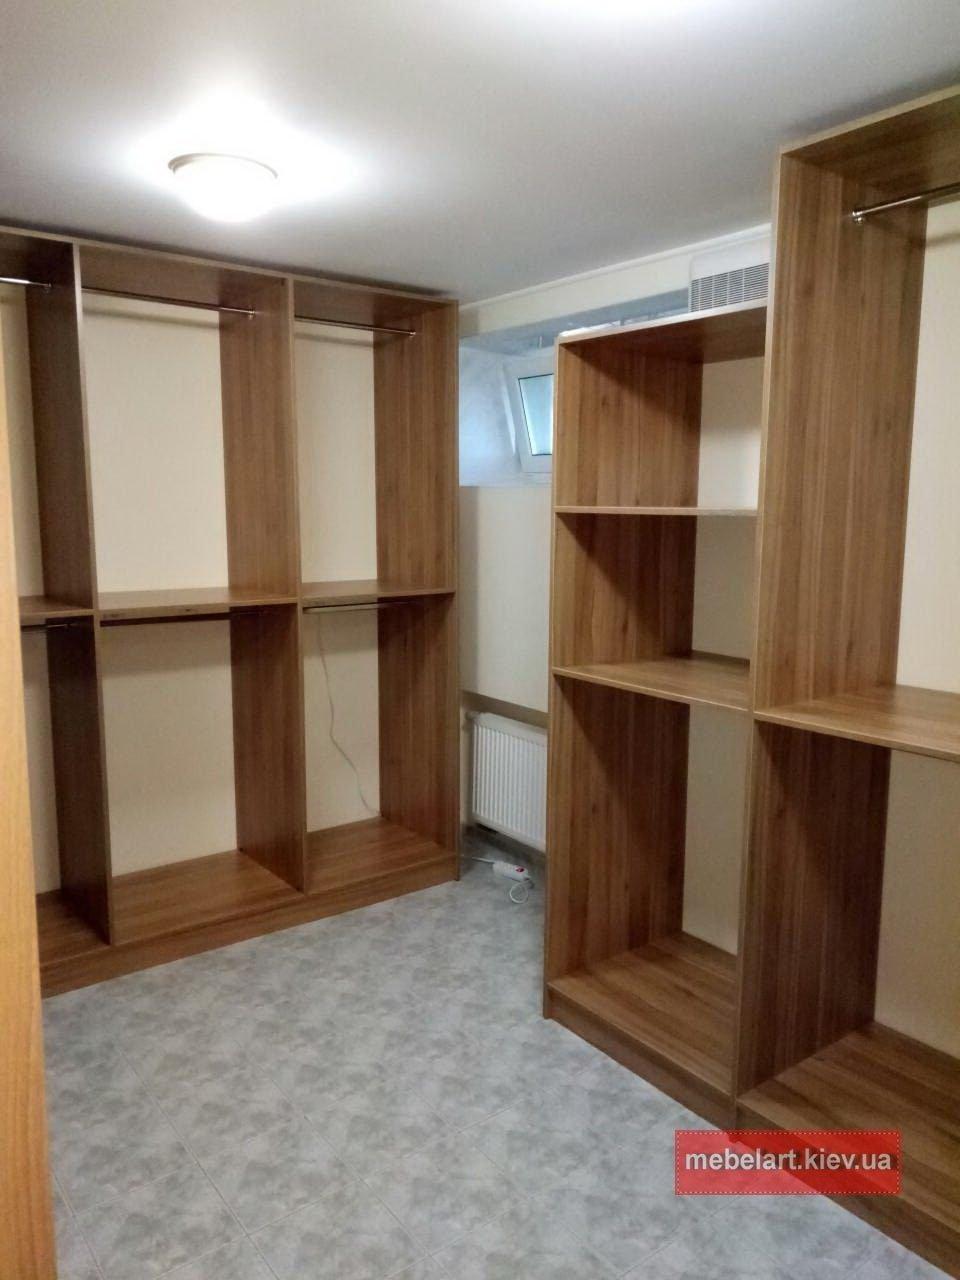 комнаты для хранения одежды и обуви